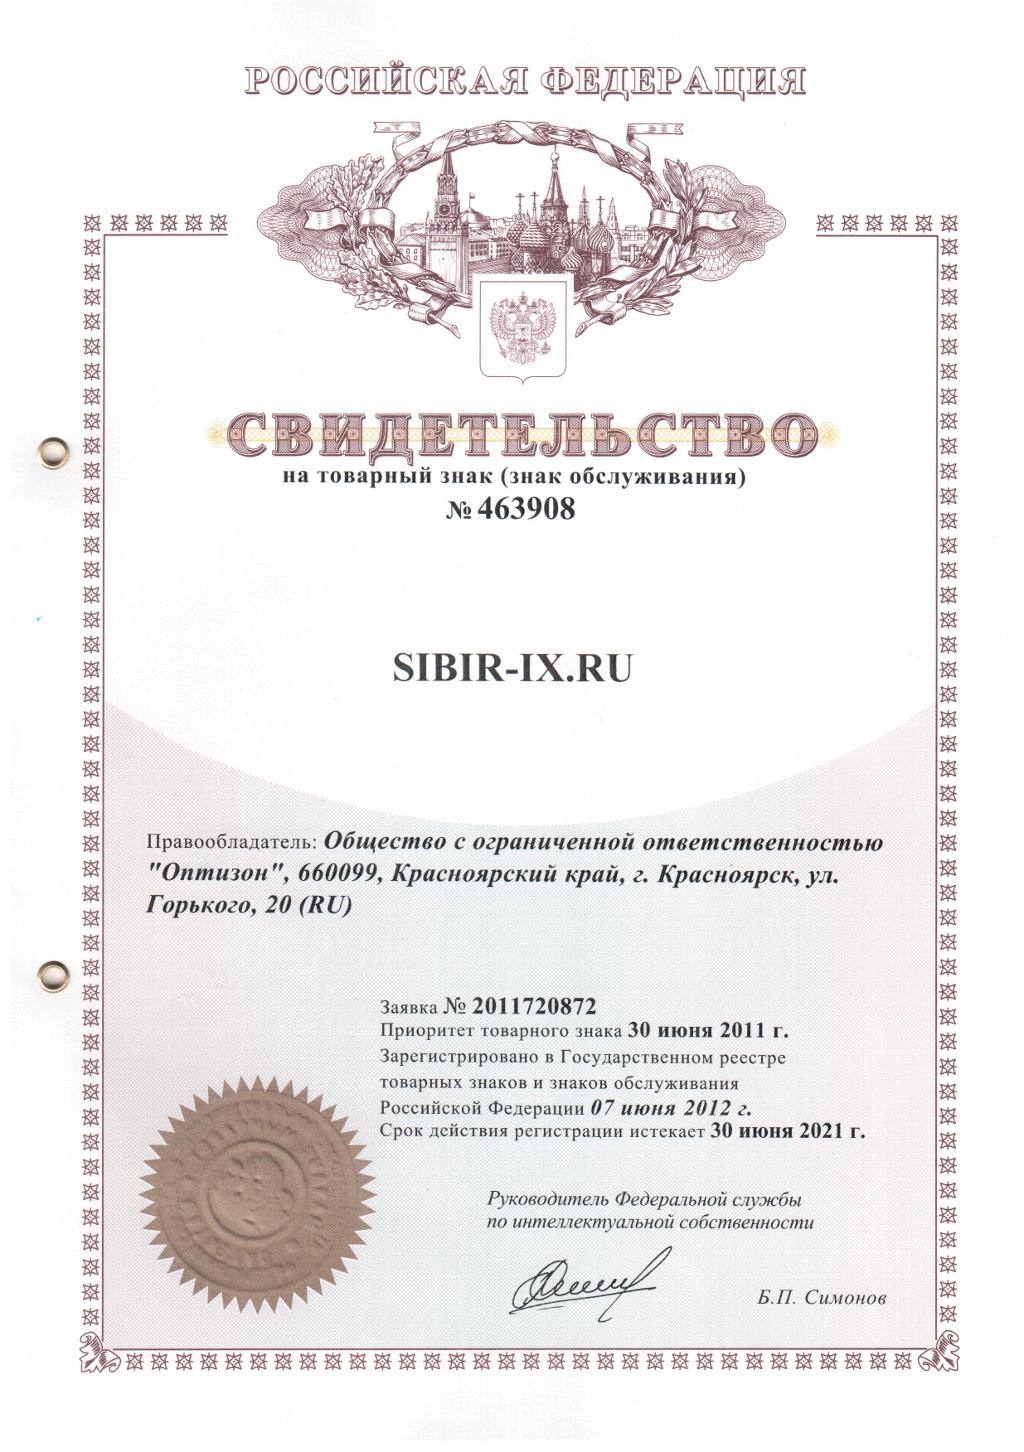 Свидетельство о регистрации Sibir-IX